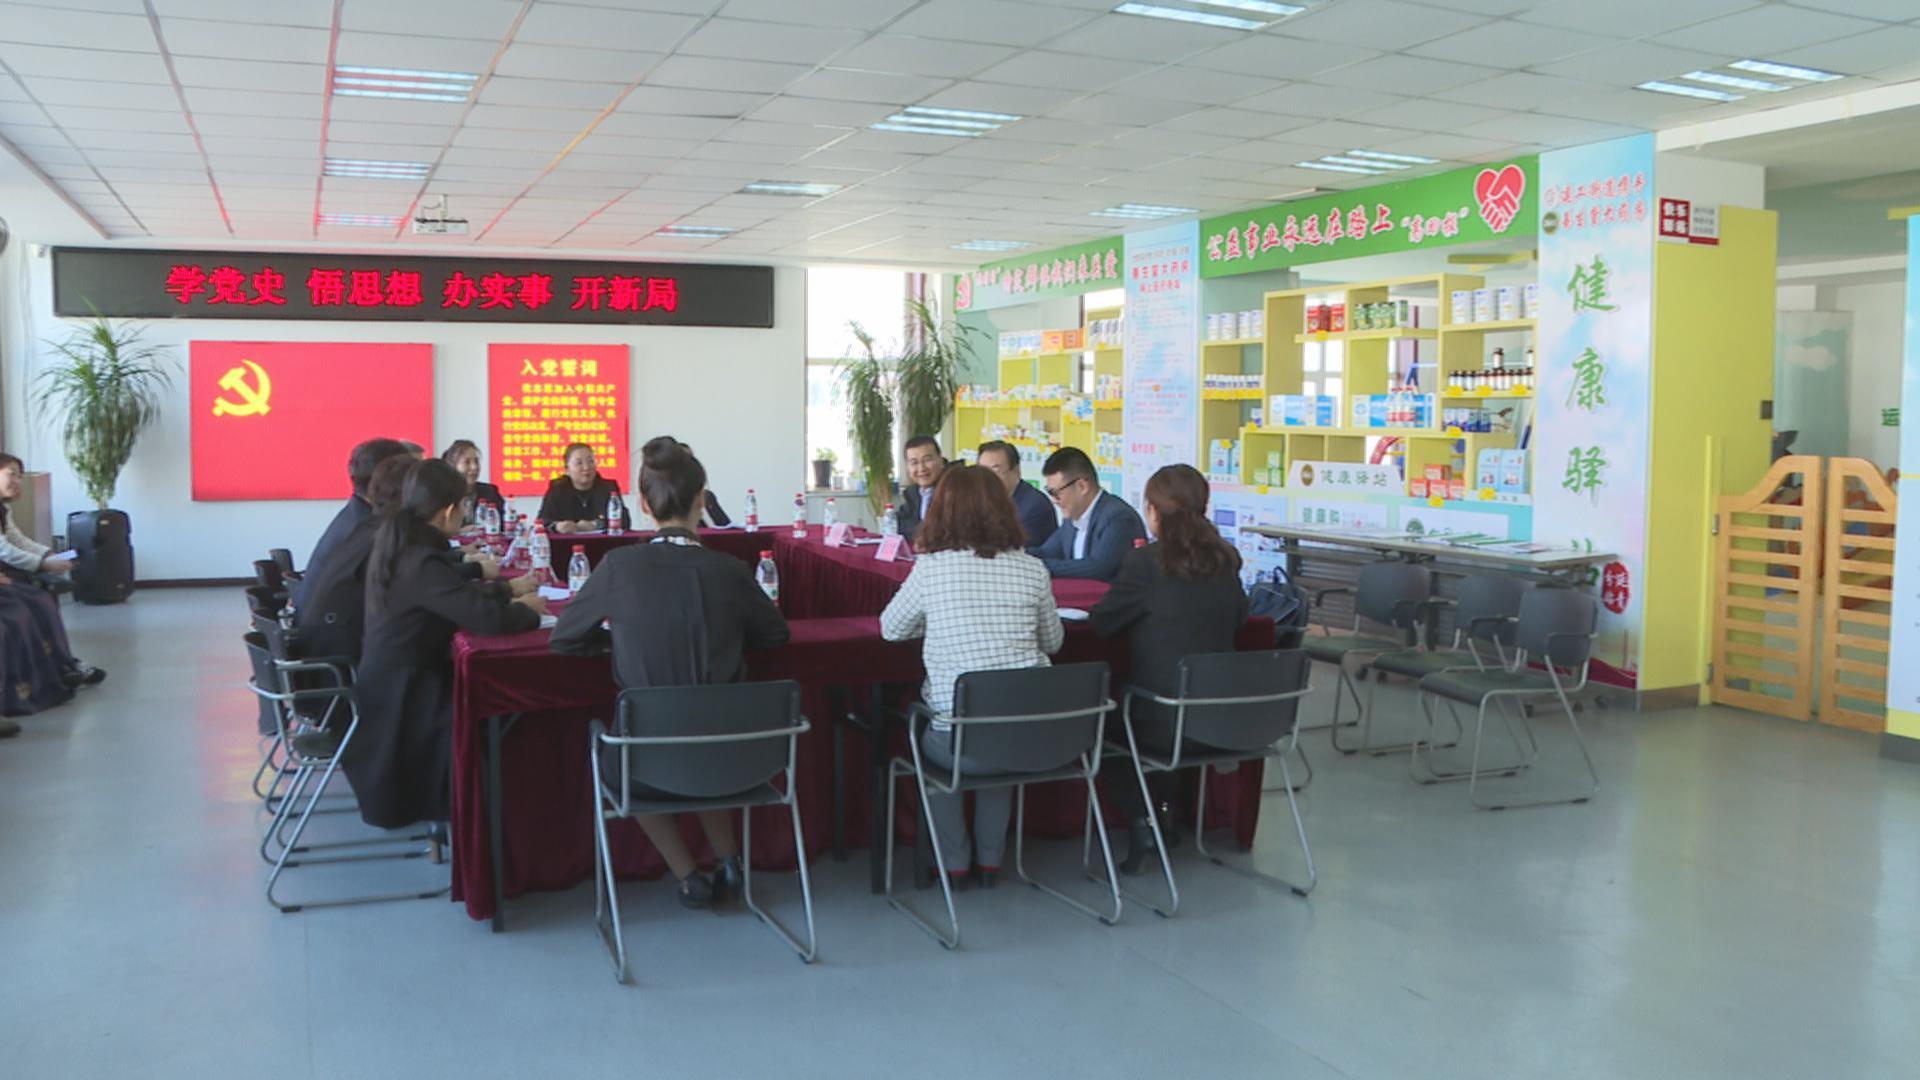 [영상뉴스]성당위 선전강연단 사회구역에서 기층선전강연원 대표들과 교류